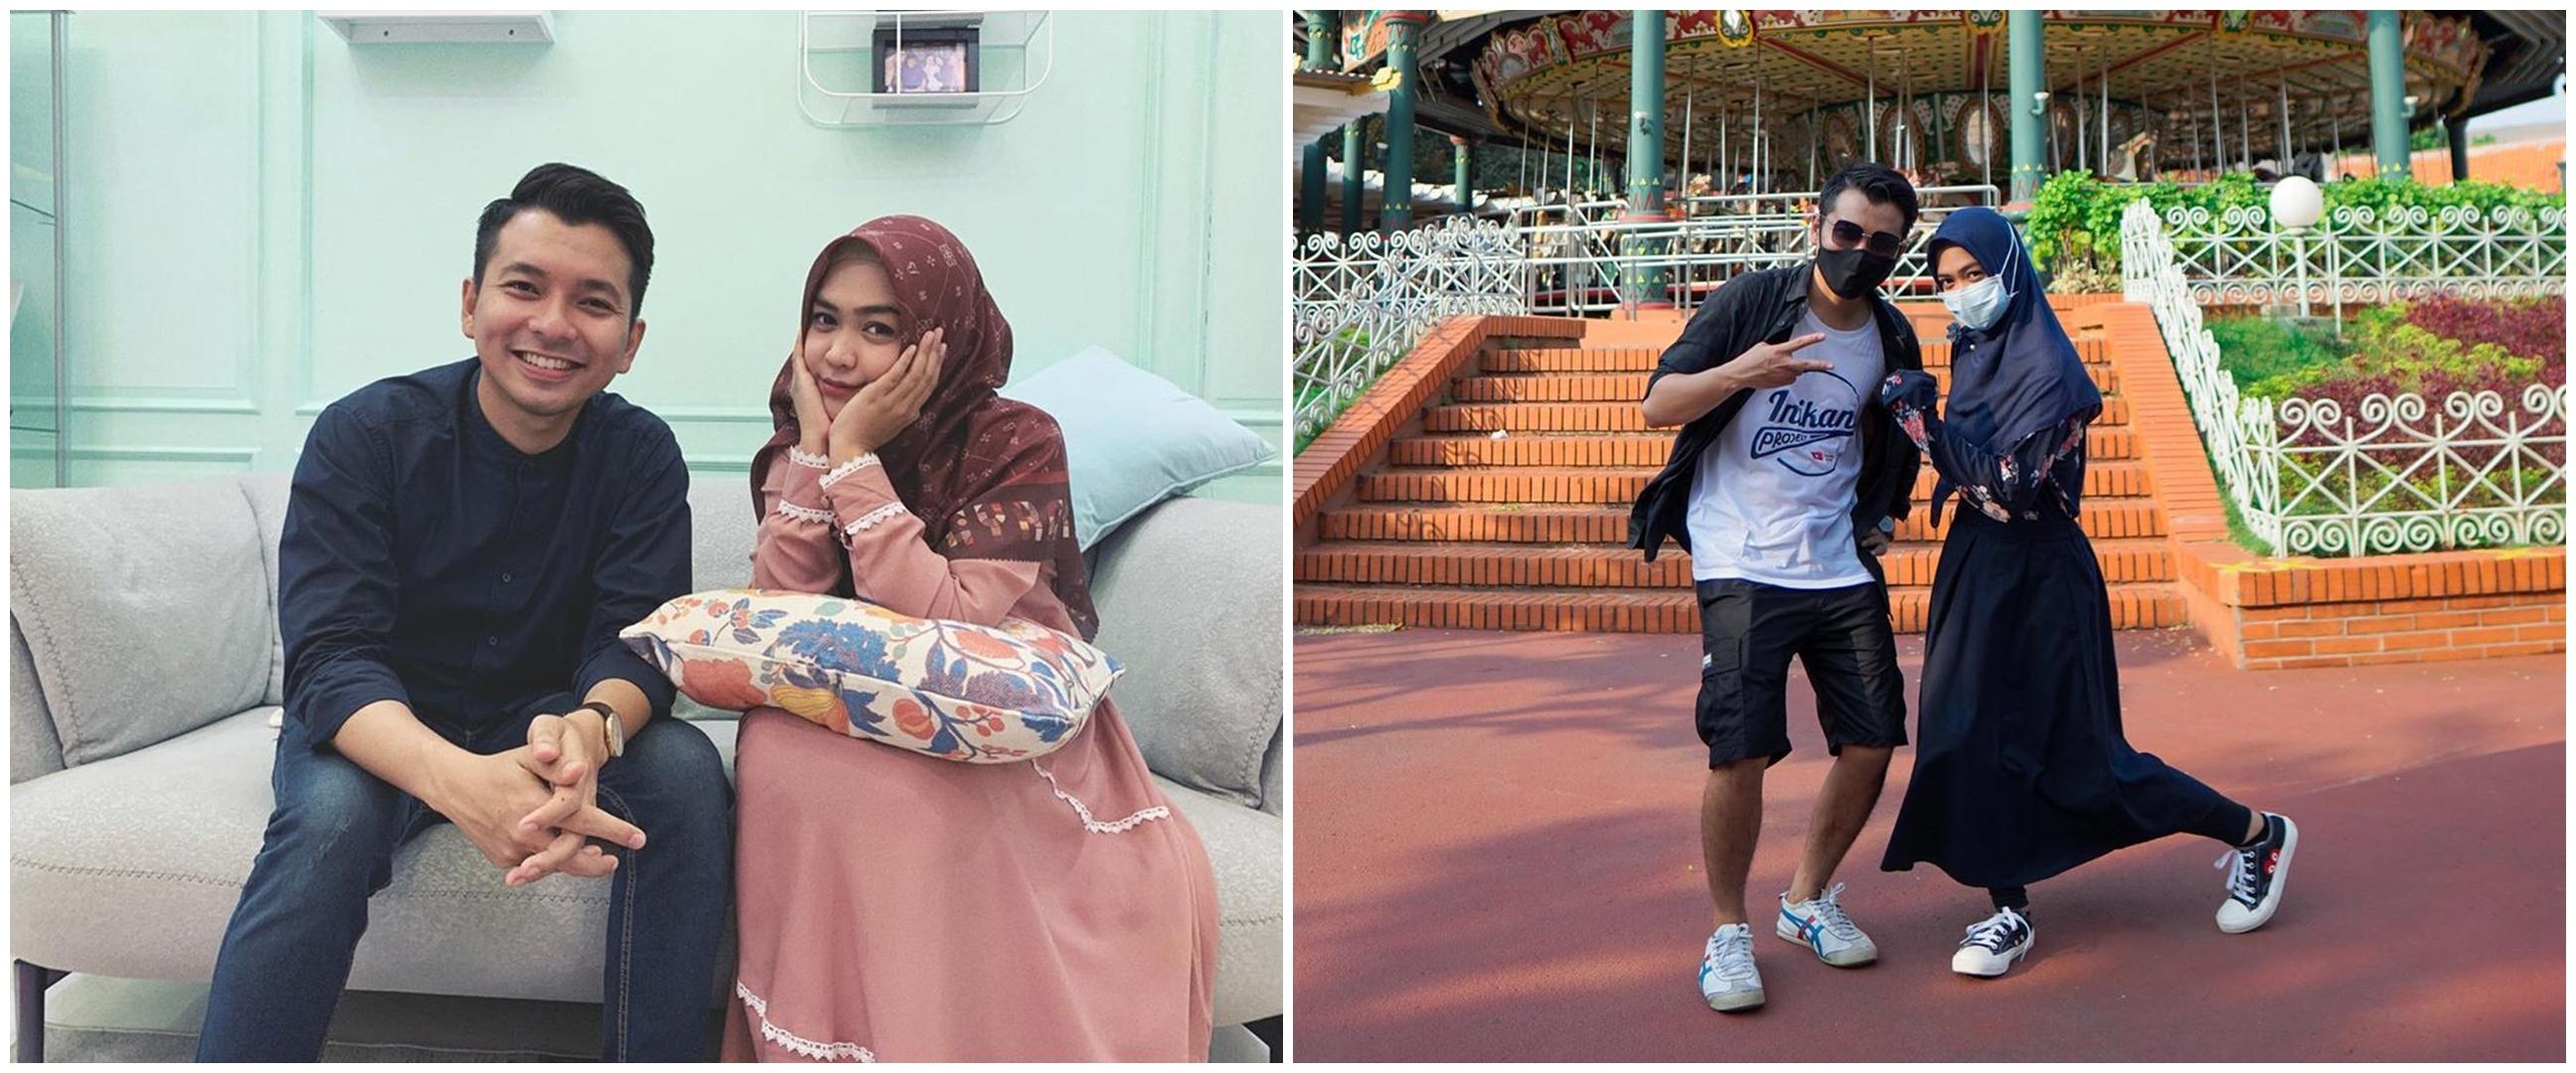 9 Potret kedekatan Ria Ricis & Reza Surya Putra, saling lempar rayuan